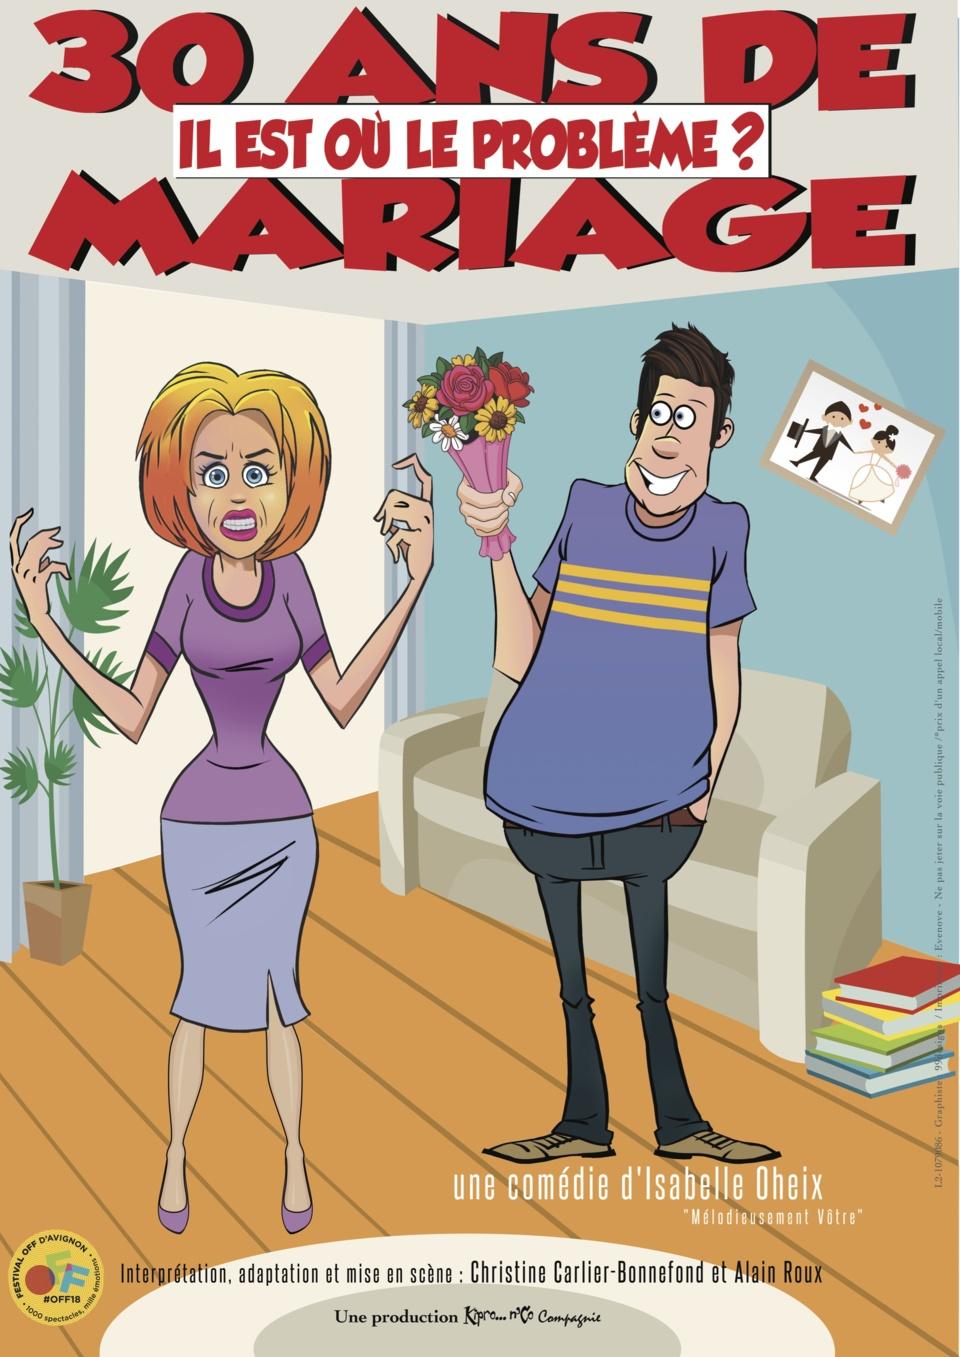 30 ANS DE MARIAGE... IL EST OU LE PROBLEME ?